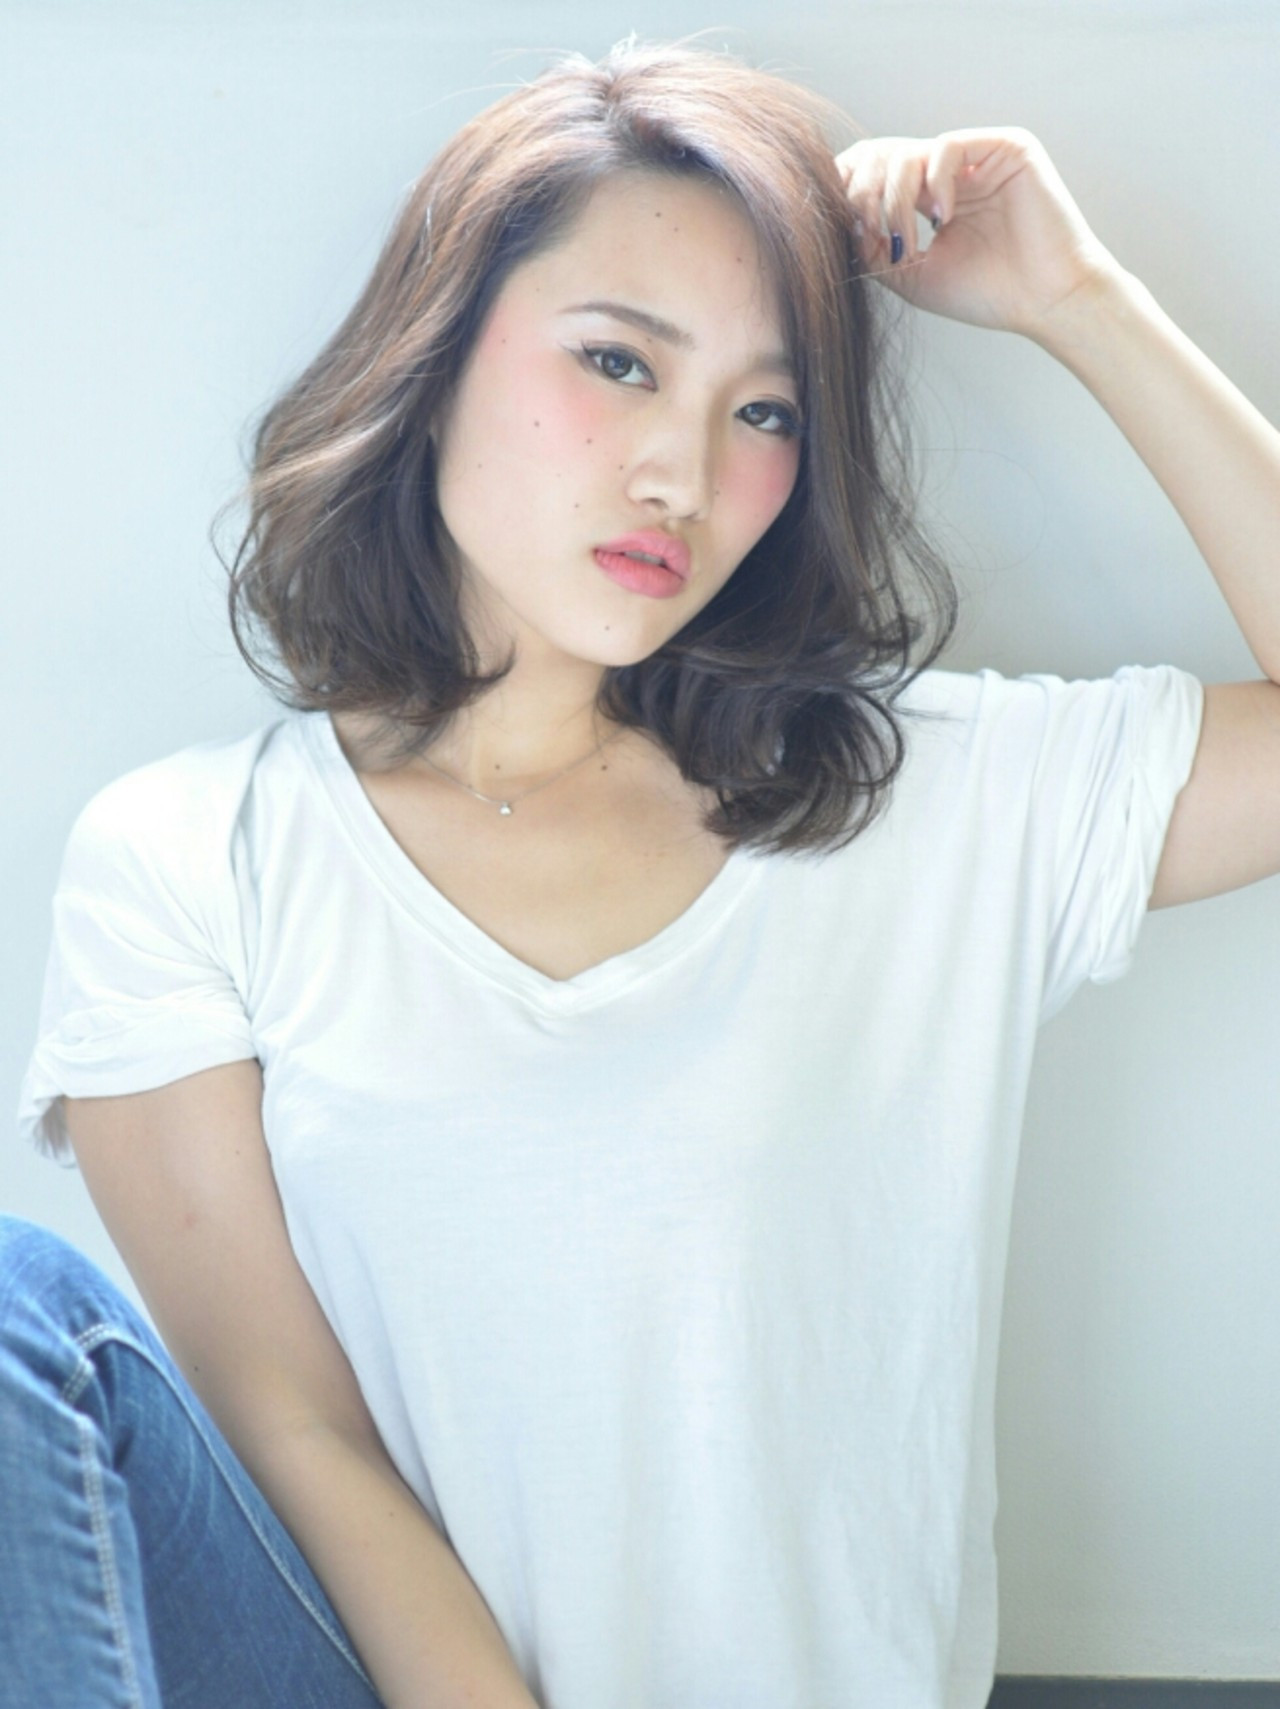 上品な色っぽ可愛さに誰もが夢中!大人女子にはAラインパーマがすてき♡ 島田 和也